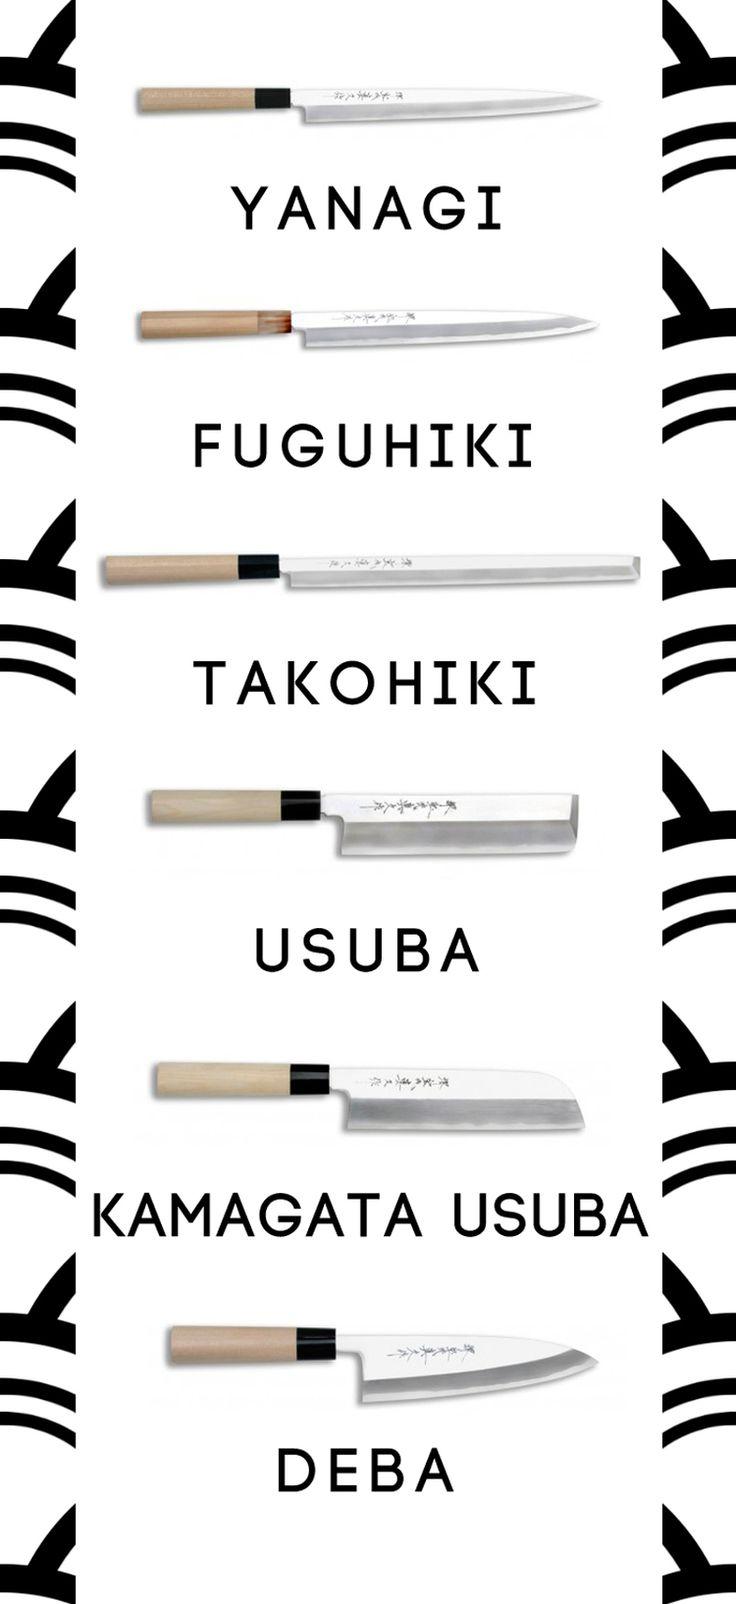 tipos de cuchillos japoneses